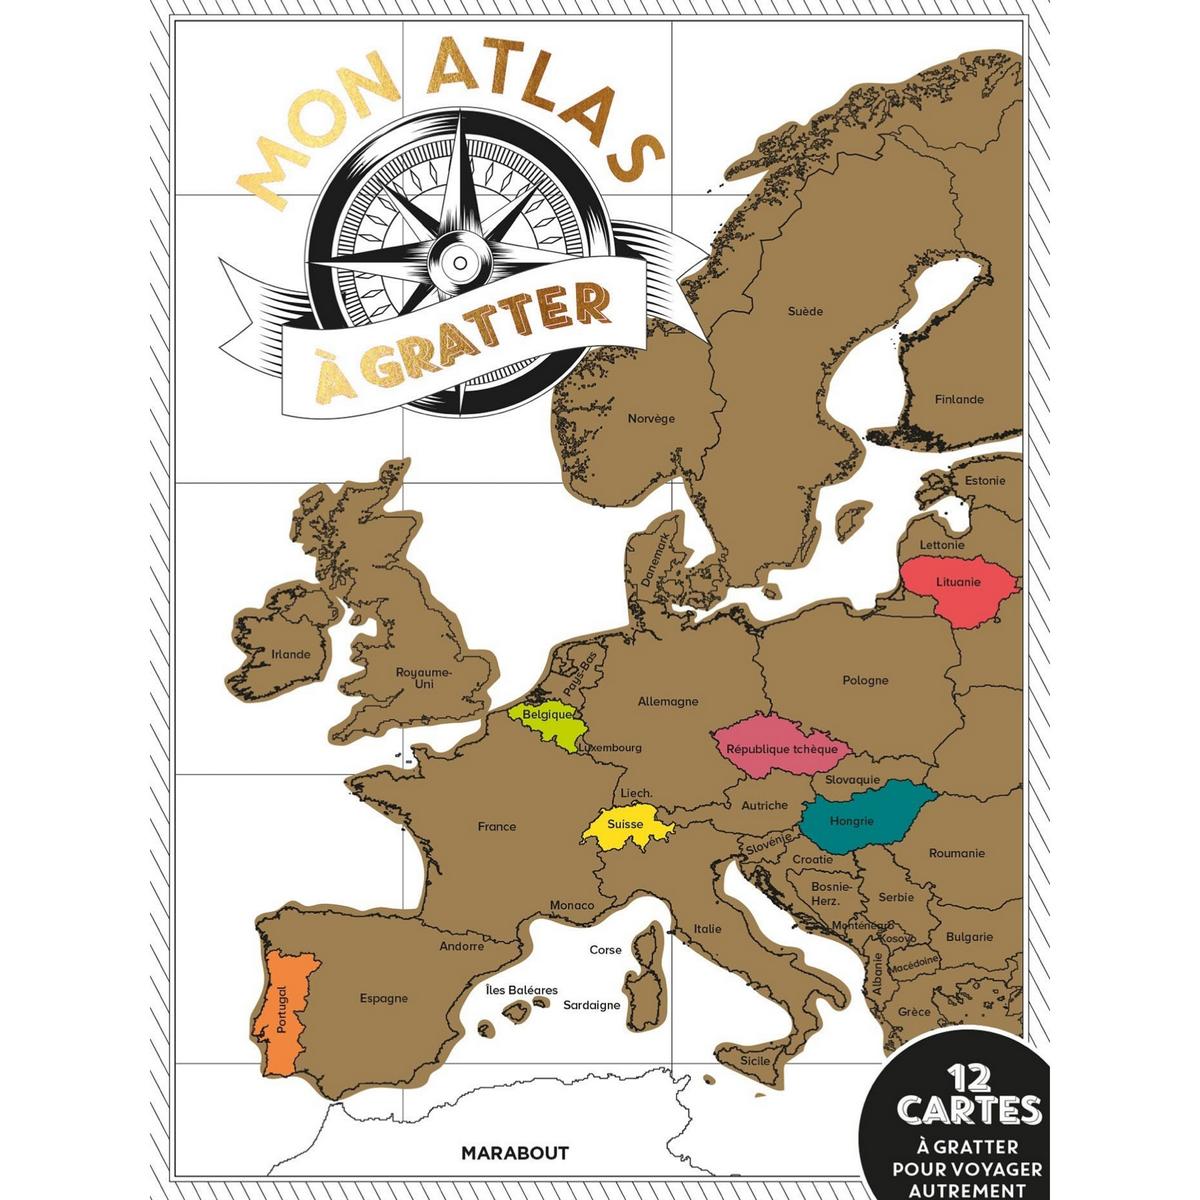 Mon atlas à gratter / 12 cartes pour voyager autrement